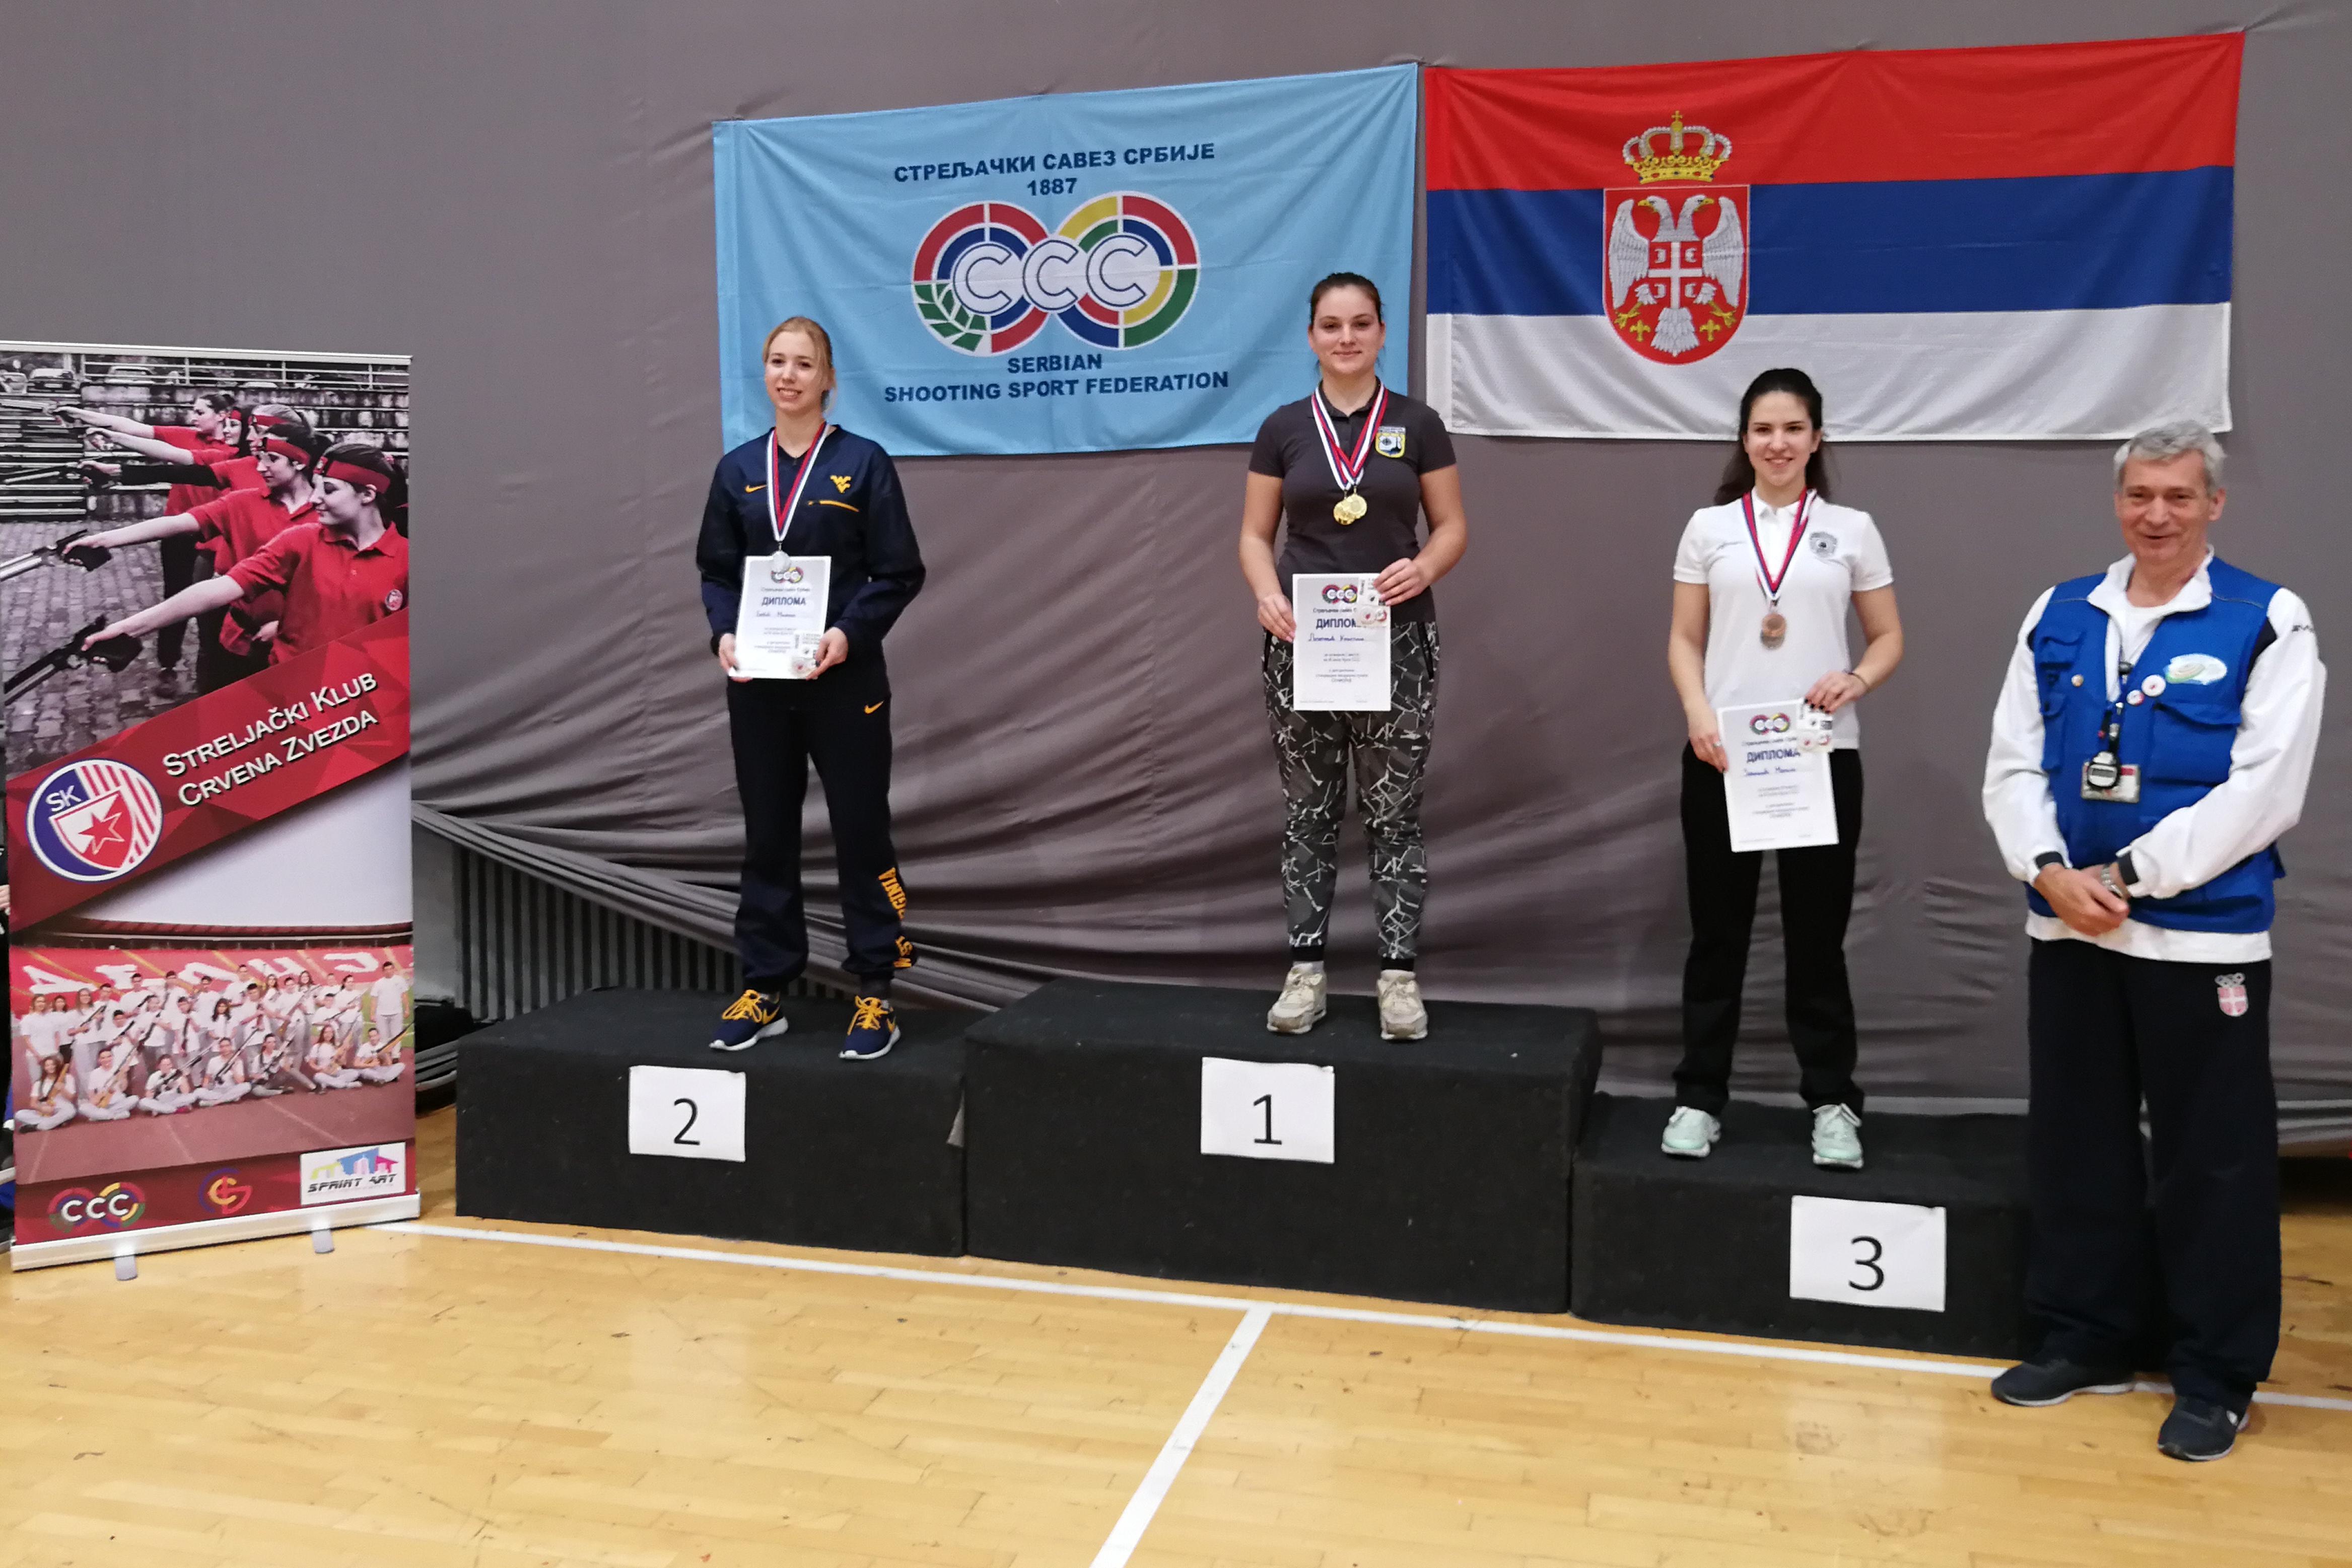 Medalje u takmičenju seniorki puškom podelile su takmičarke beogradskih klubova: 1. Kristina Lazarević (Novi Beograd - Ušće), 2. Milica Babić (Pobednik), 3. Marija Zavišić (Policajac)